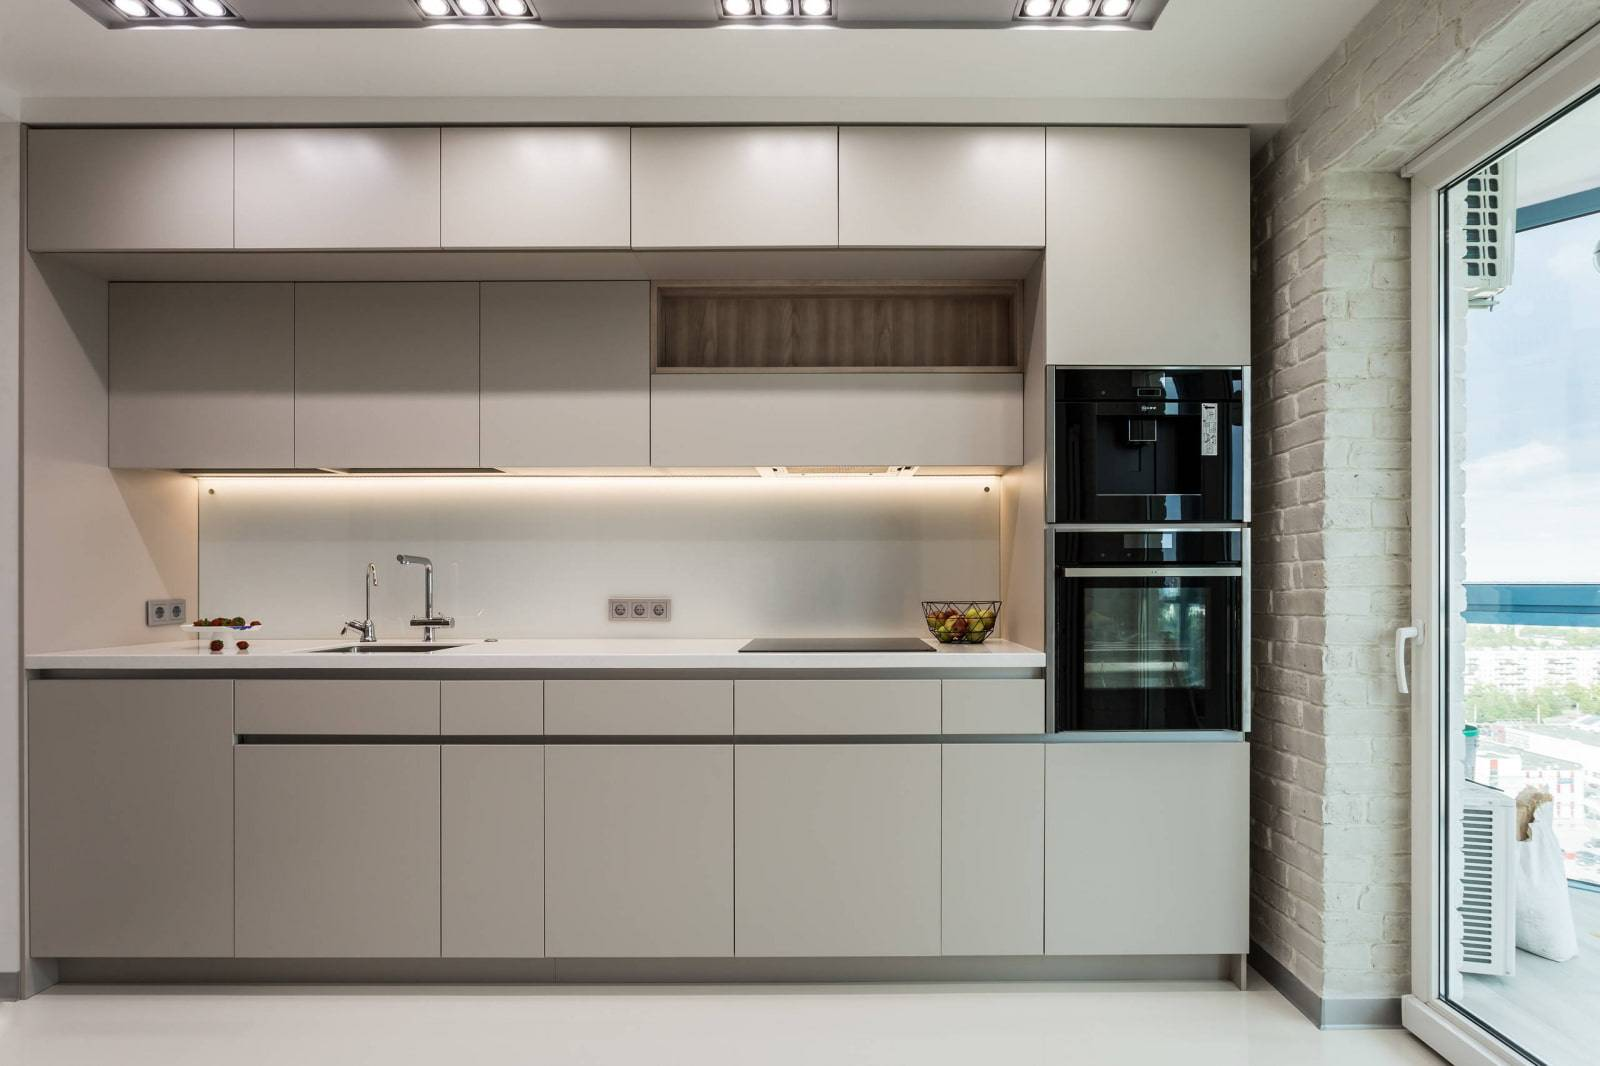 Кухня с низким потолком: практические советы по оформлению и 40+ фото интерьеров